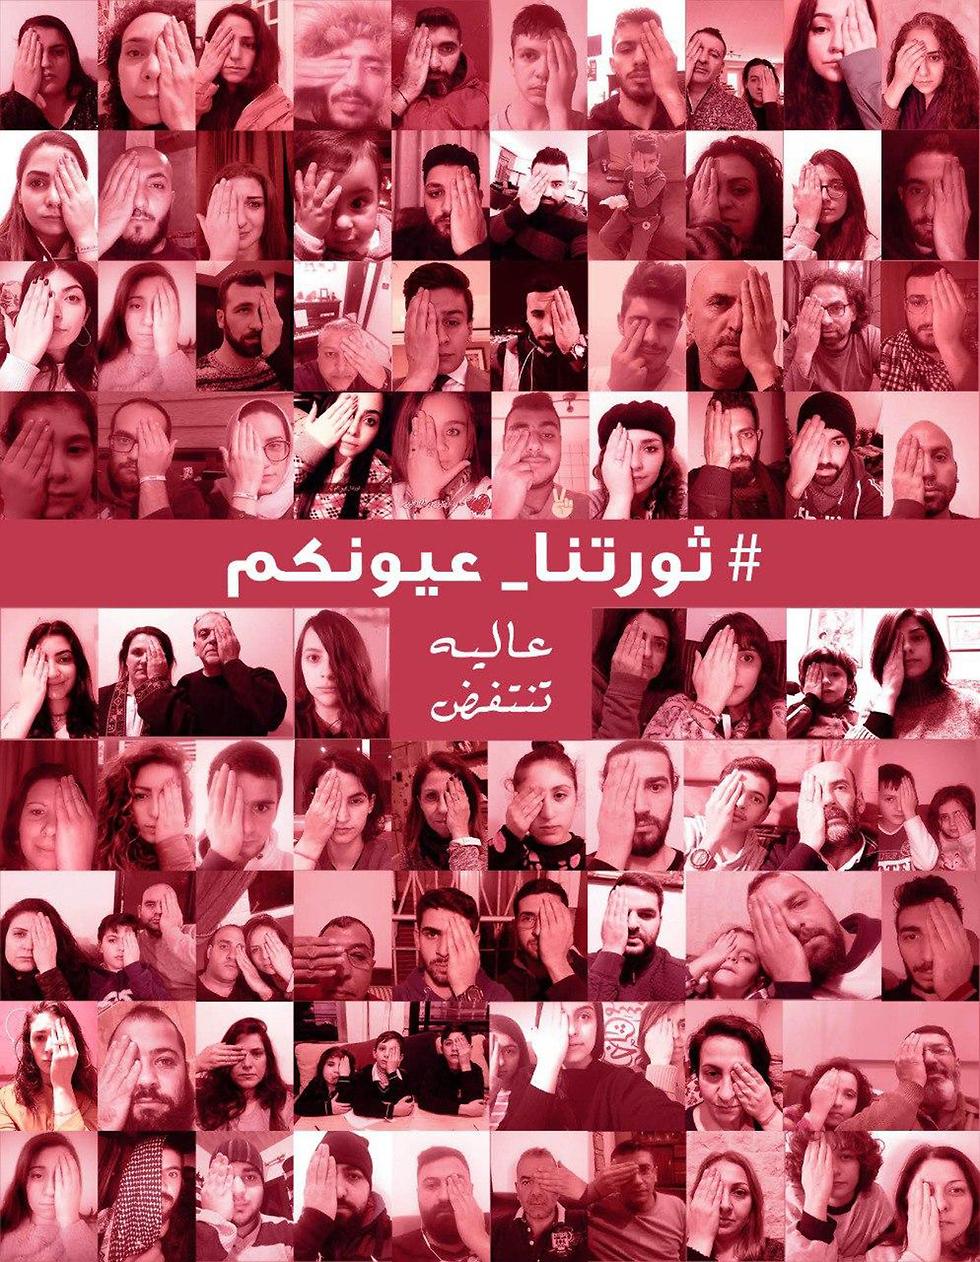 המחאה בלבנון נגד הממשלה ()